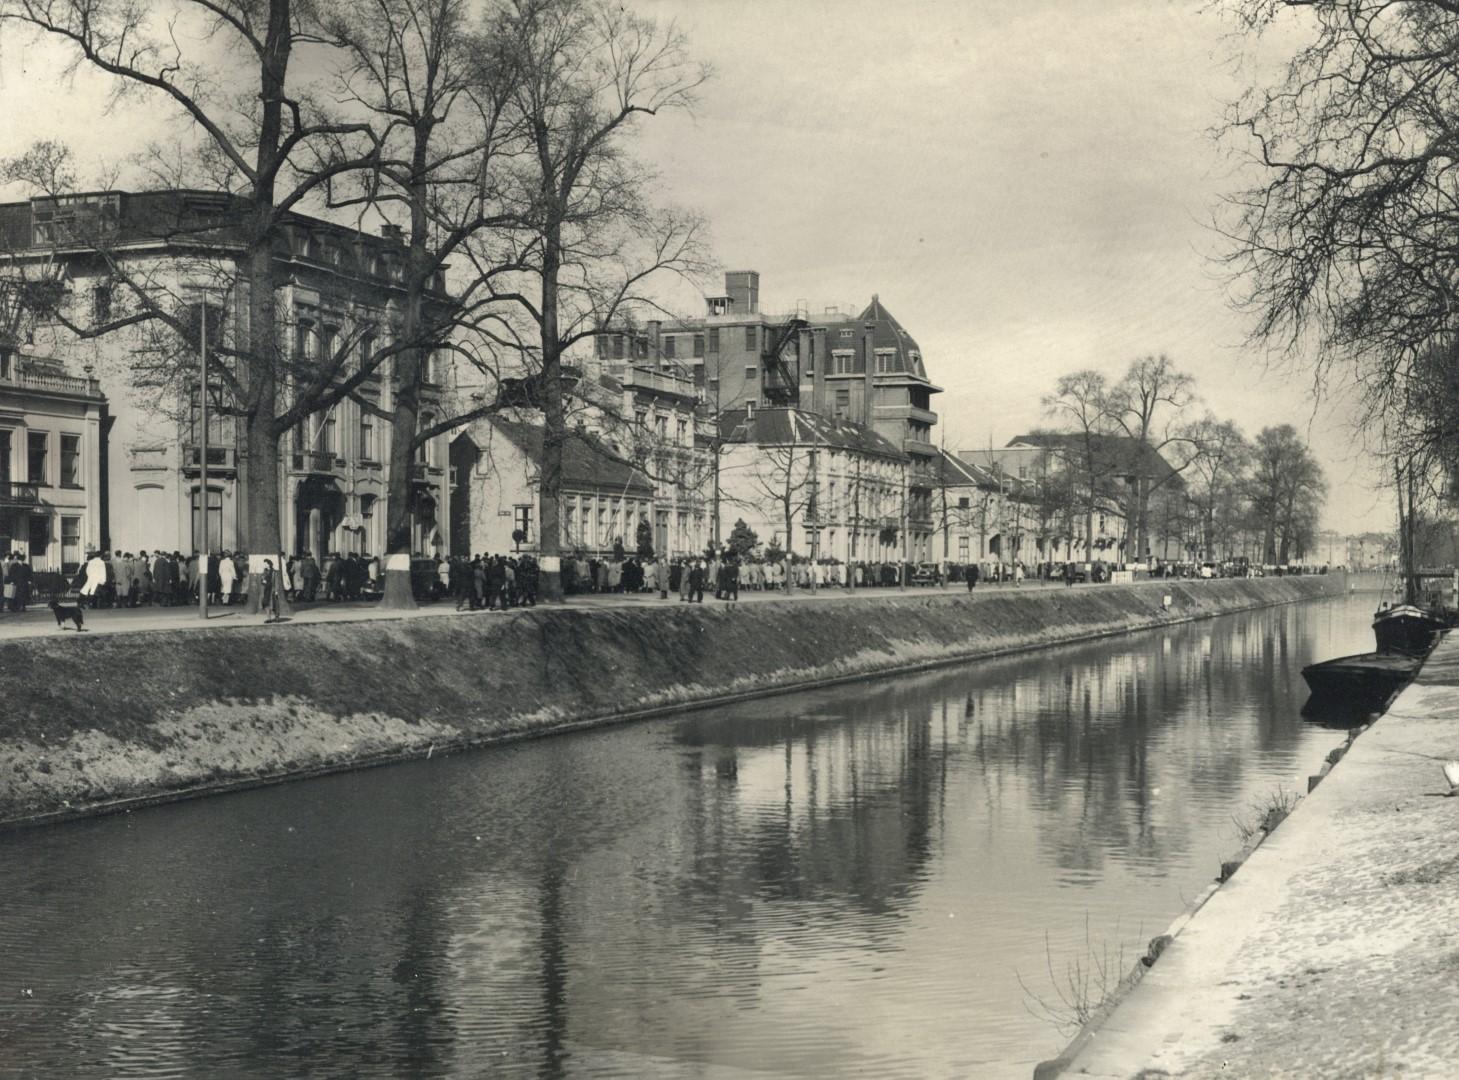 Gezicht op de Stadsbuitengracht en de Catharijnesingel te Utrecht, vanaf de Rijnkade. 1930 - 406199 Het Utrechts Archief (Groot)